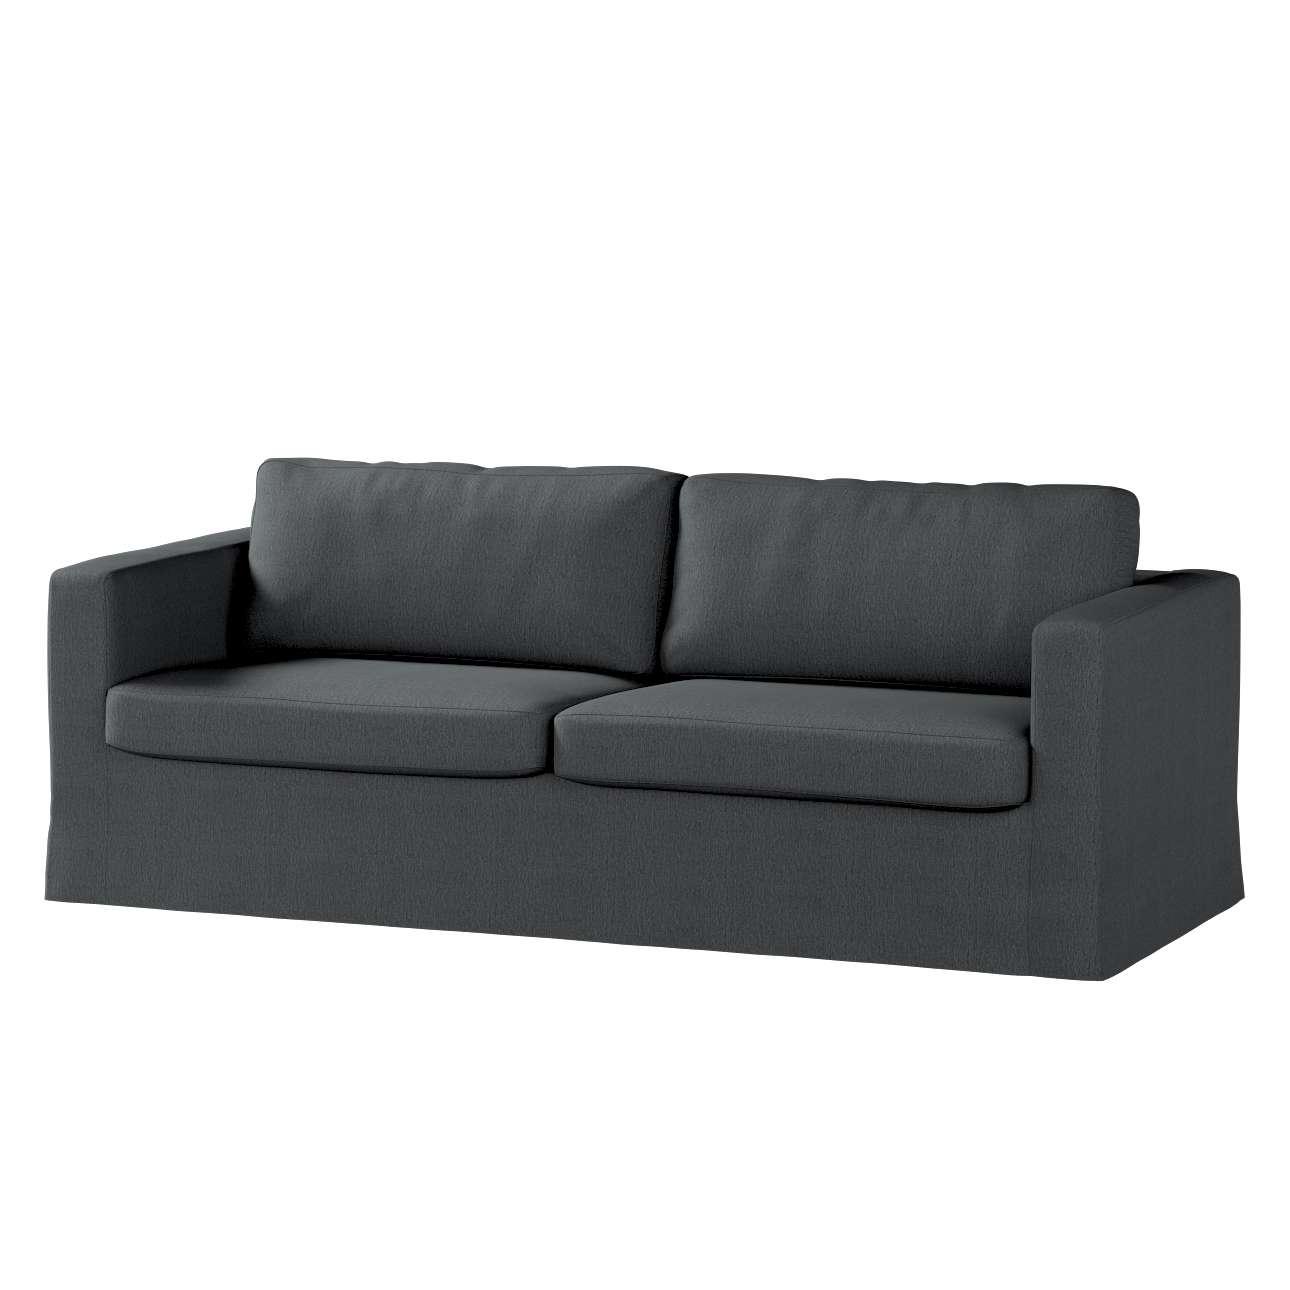 Karlstad trivietės sofos užvalkalas (ilgas, iki žemės) Karlstad trivietės sofos užvalkalas (ilgas, iki žemės) kolekcijoje Chenille, audinys: 702-20